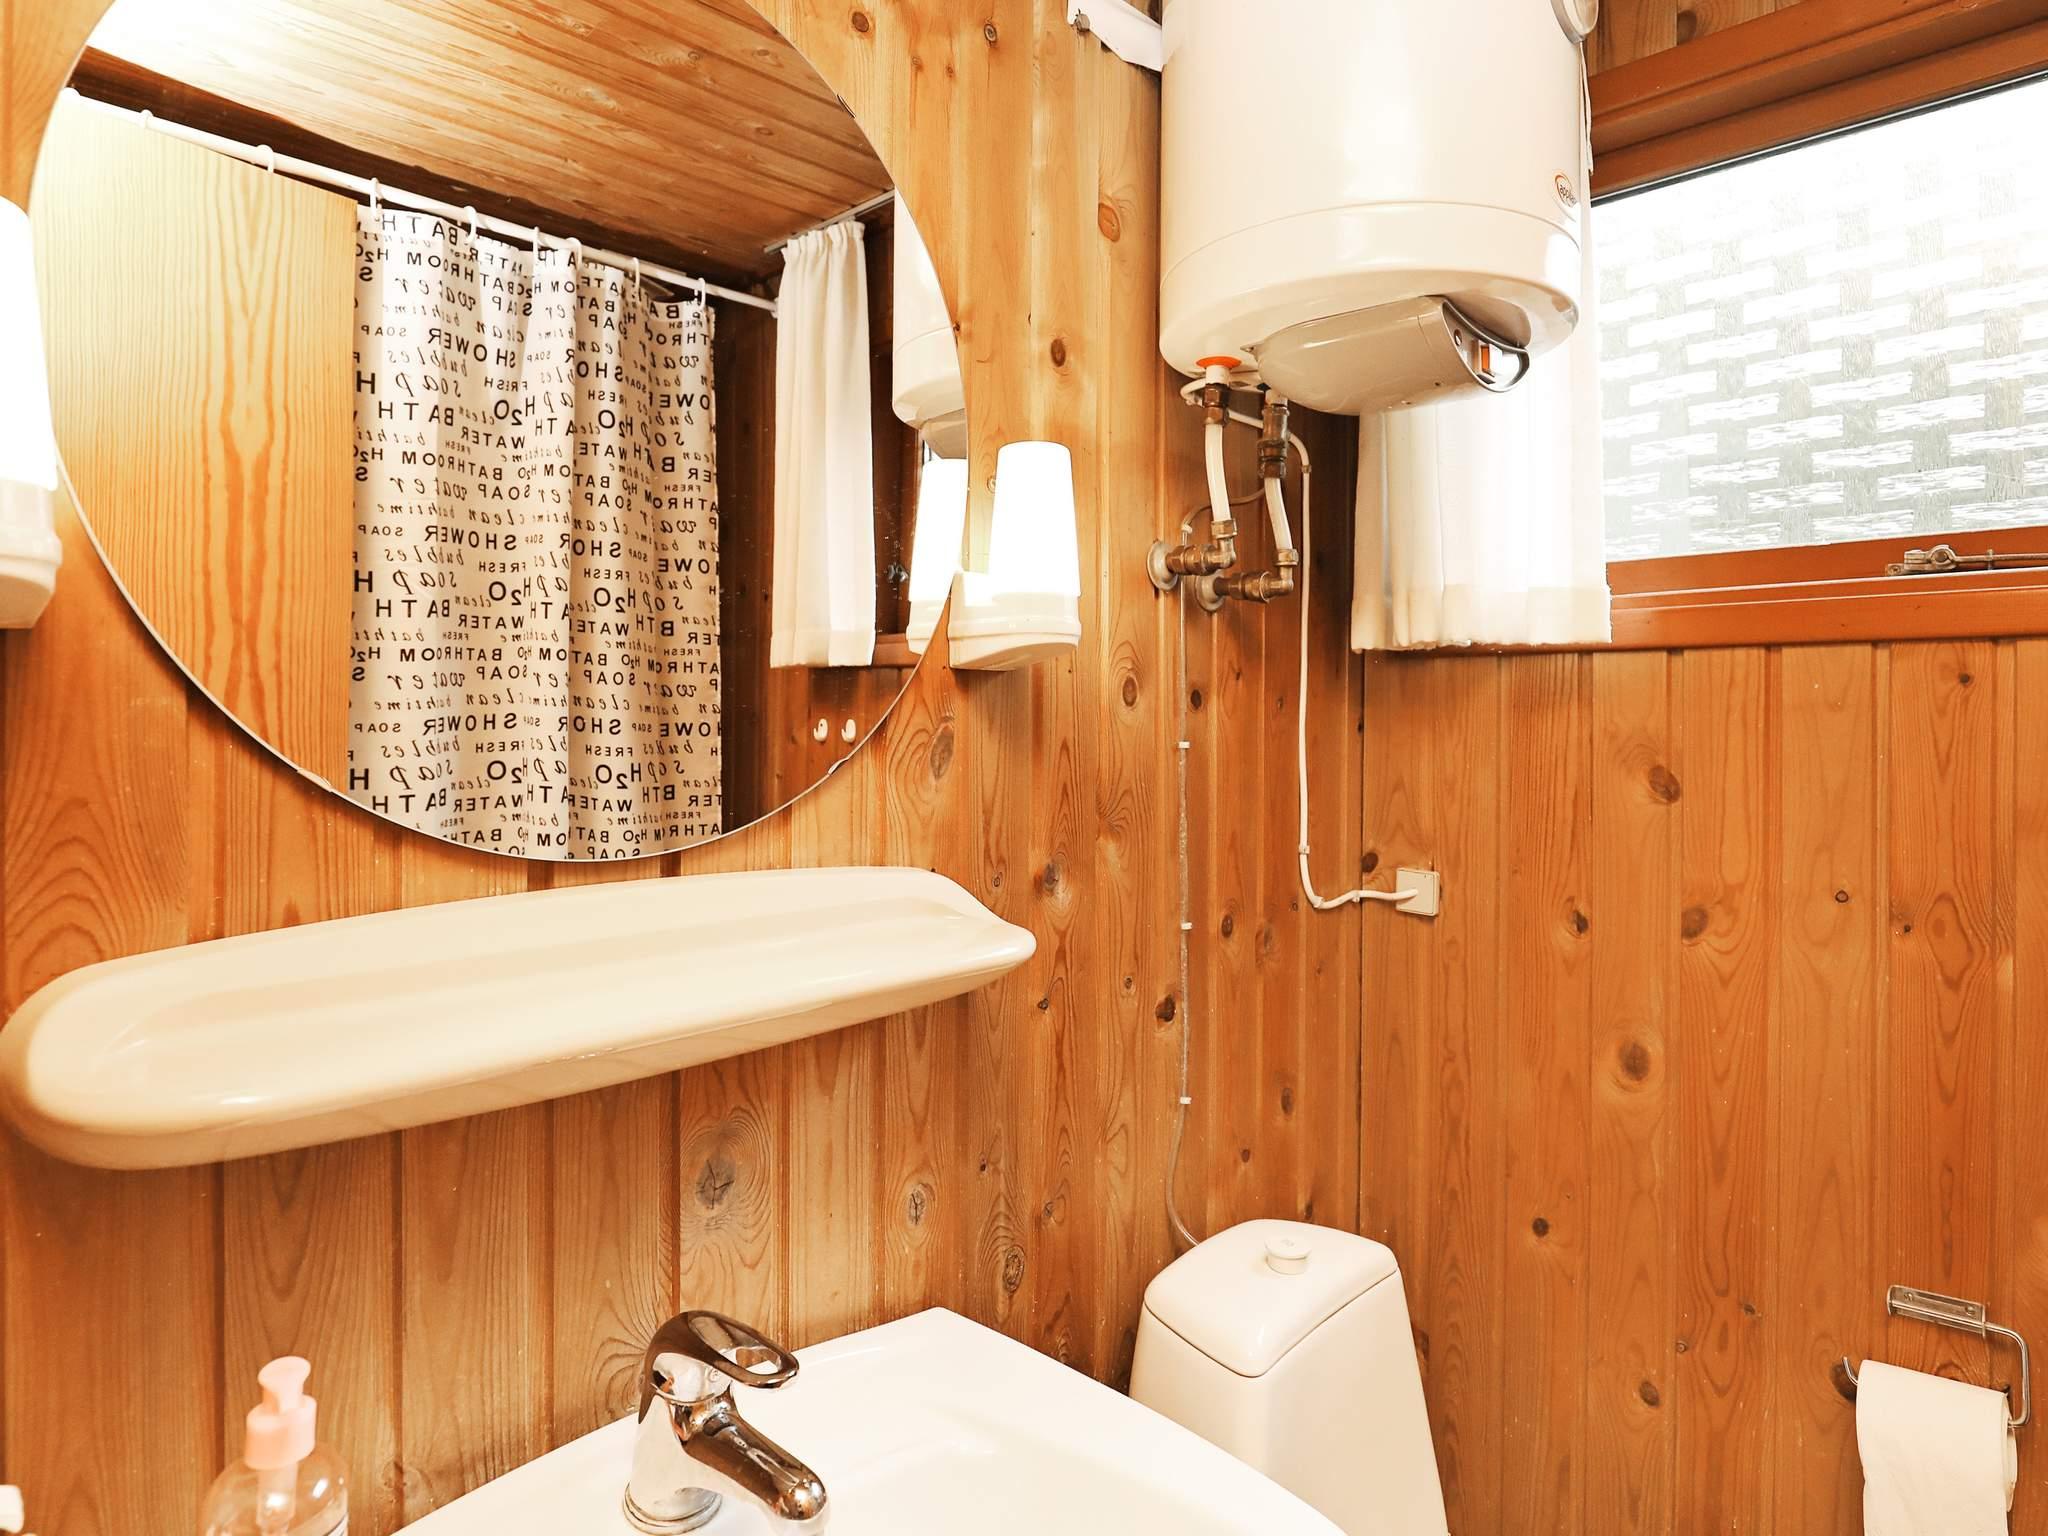 Ferienhaus Toftum Bjerge (82790), Struer, , Limfjord, Dänemark, Bild 13